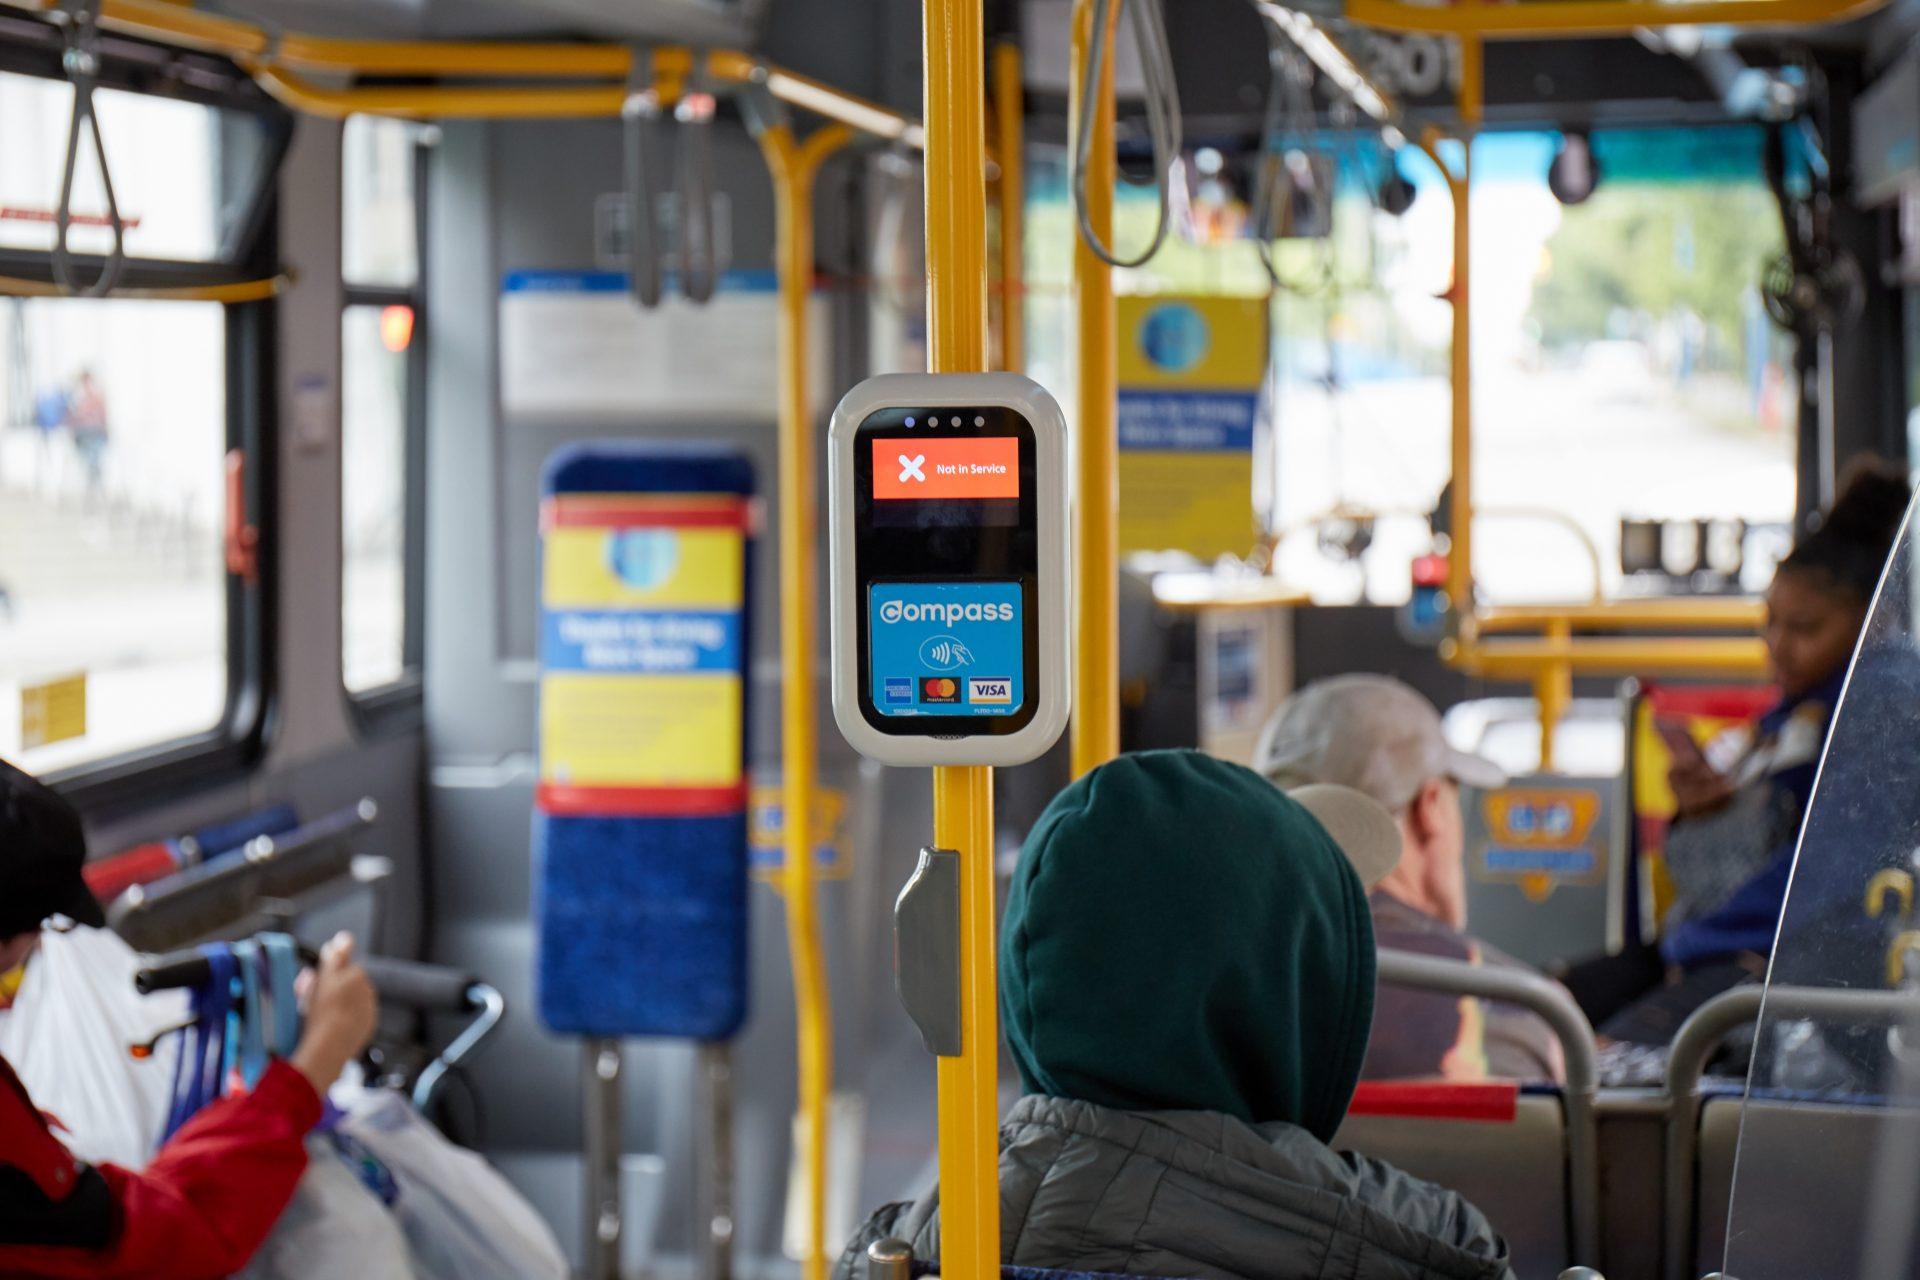 Vancouver public transportation